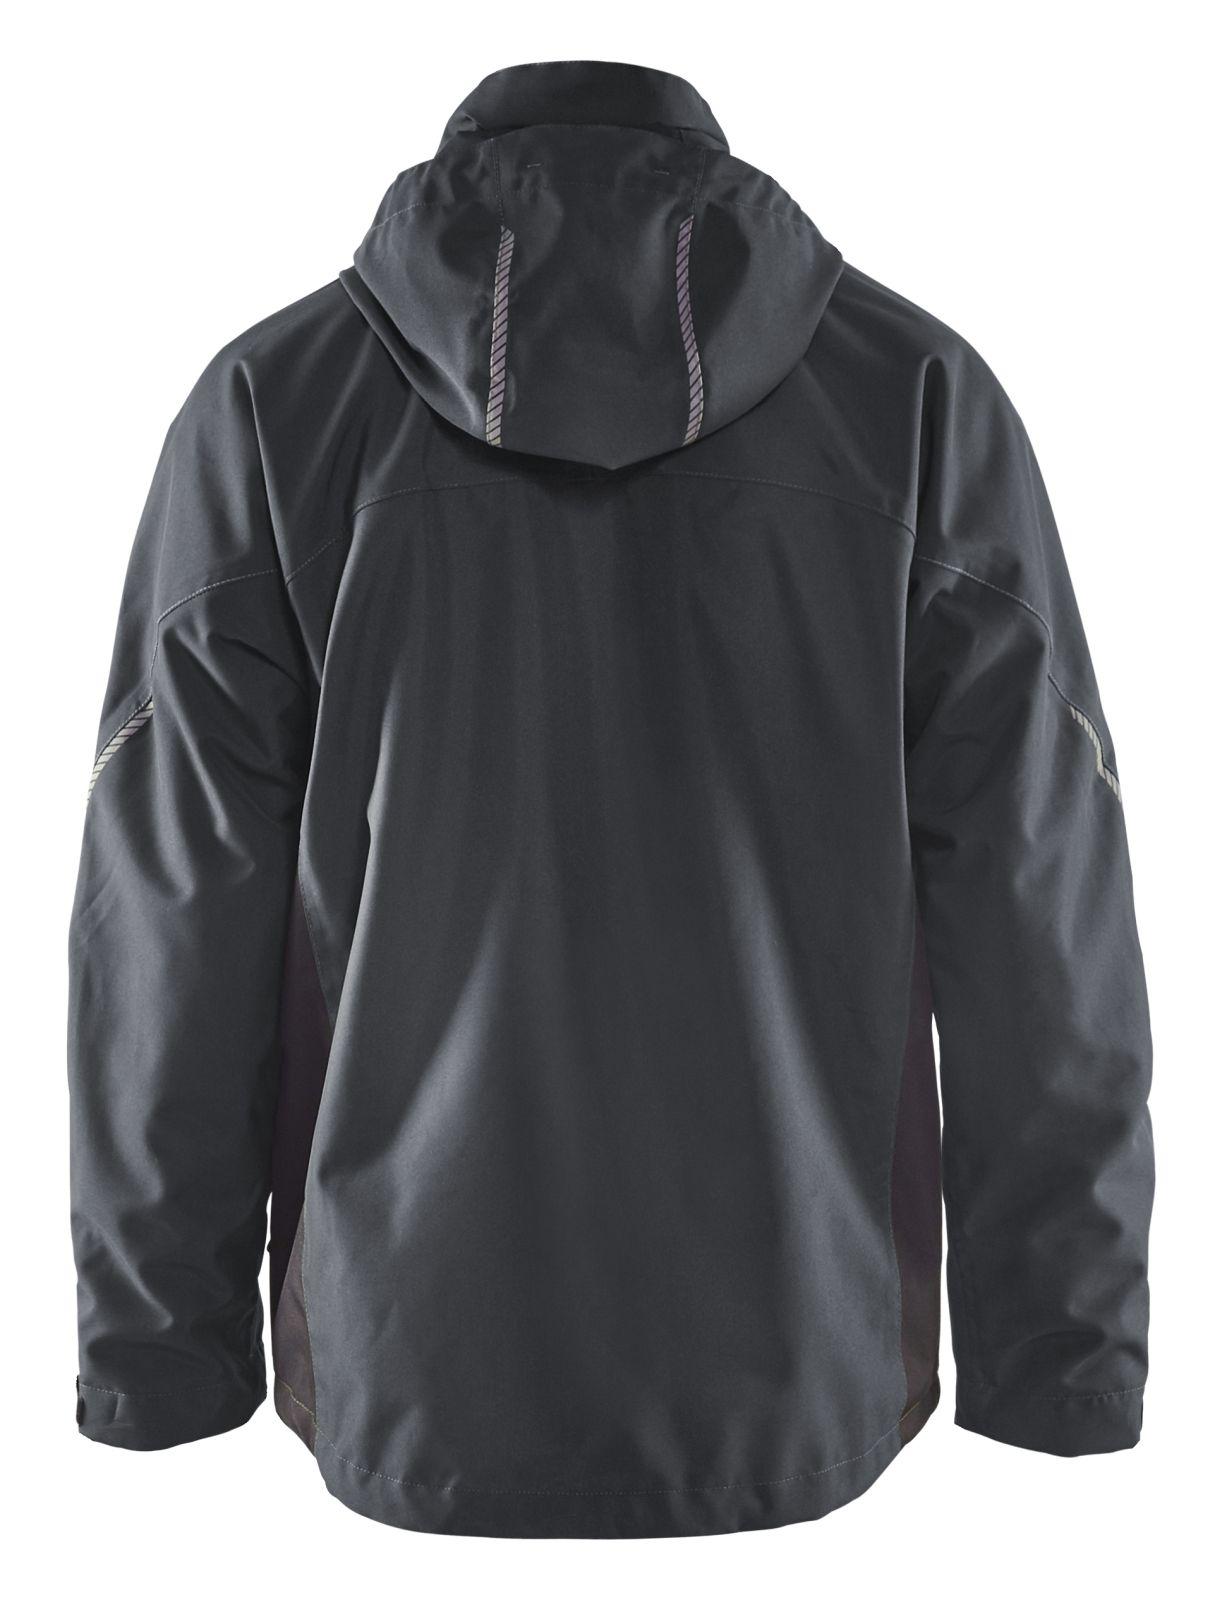 Blaklader Regenjacks 47901977 donkergrijs-zwart(9899)